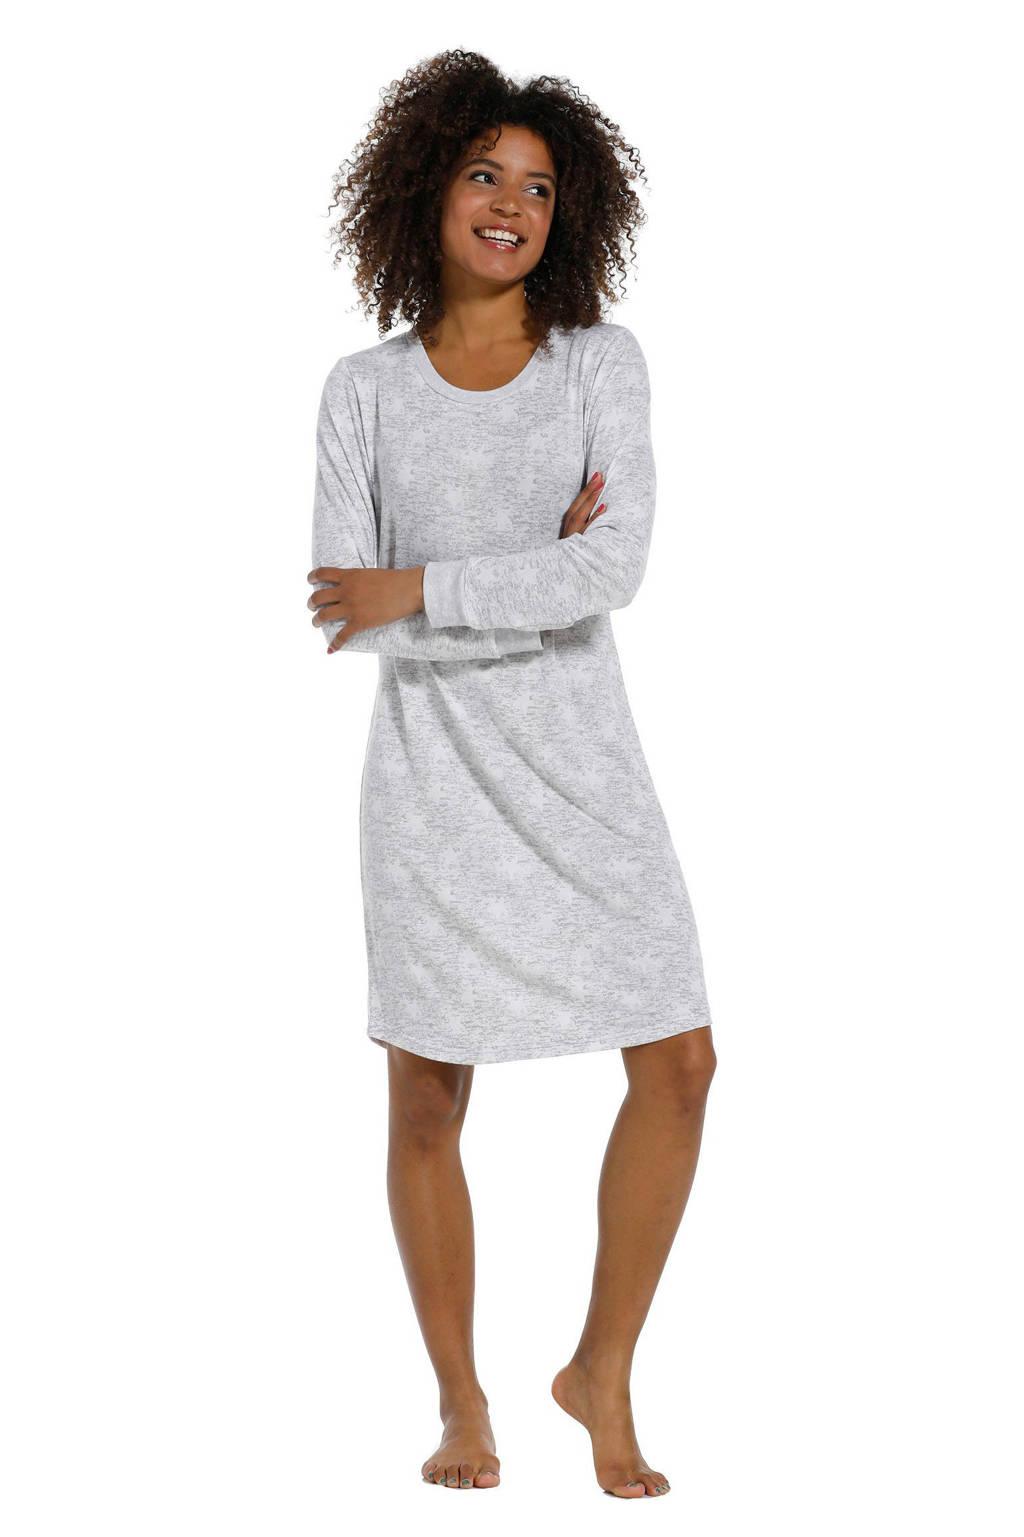 Rebelle nachthemd met all over print grijs/ivoor, Grijs/ivoor